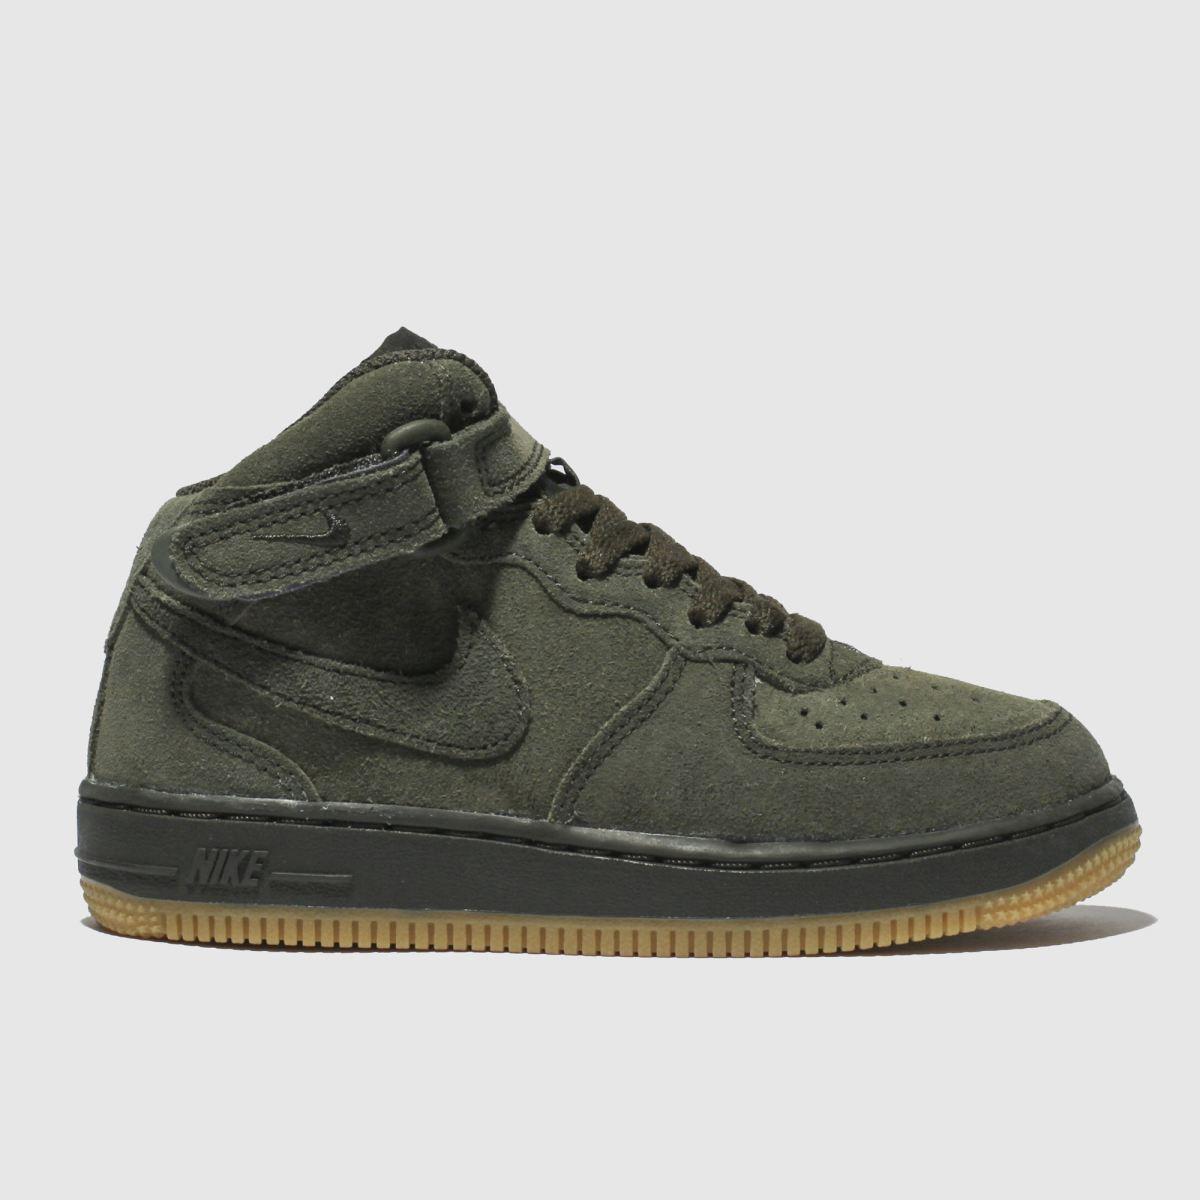 Nike Khaki Air Force 1 High Lv8 Trainers Junior